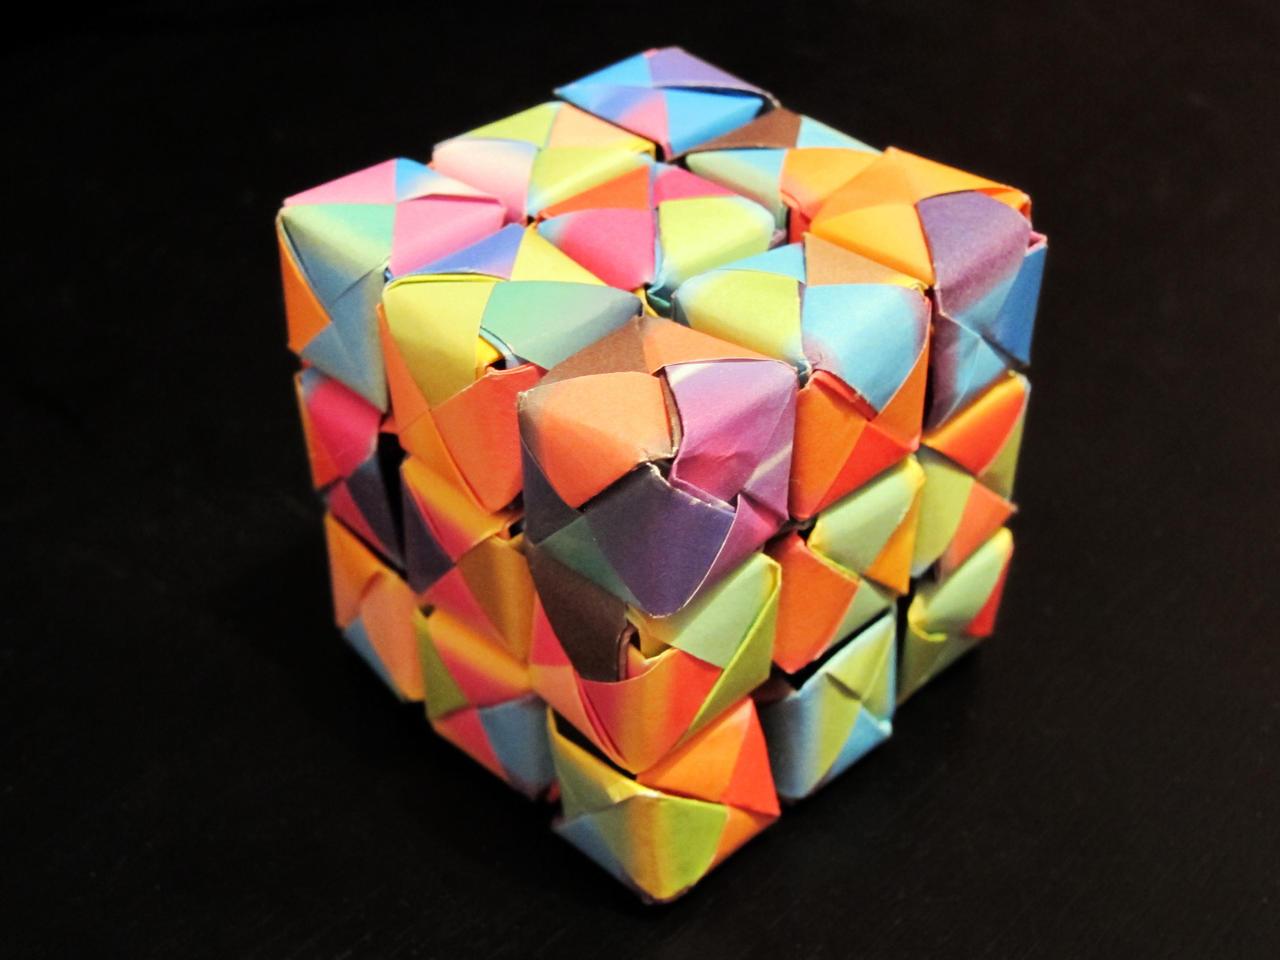 Călătorii Curiozități Origami